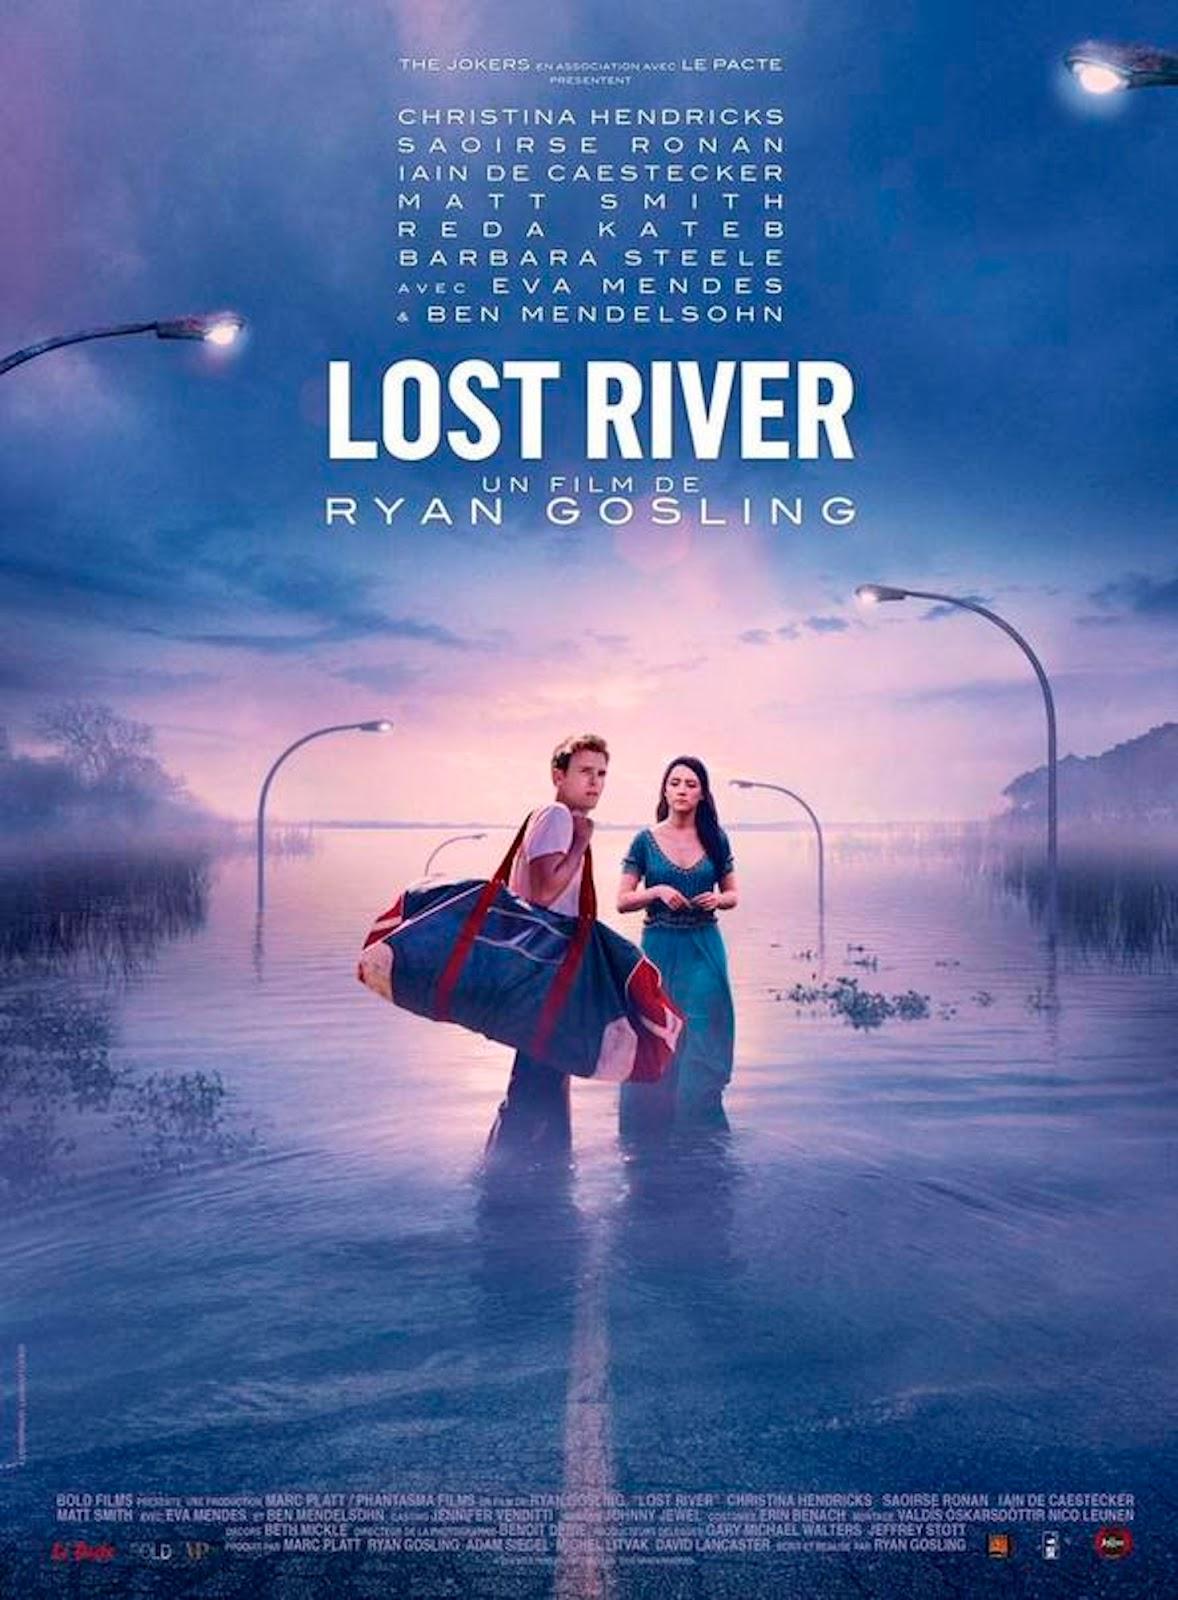 Lost River ฝันร้าย เมืองร้าง [HD][พากย์ไทย]